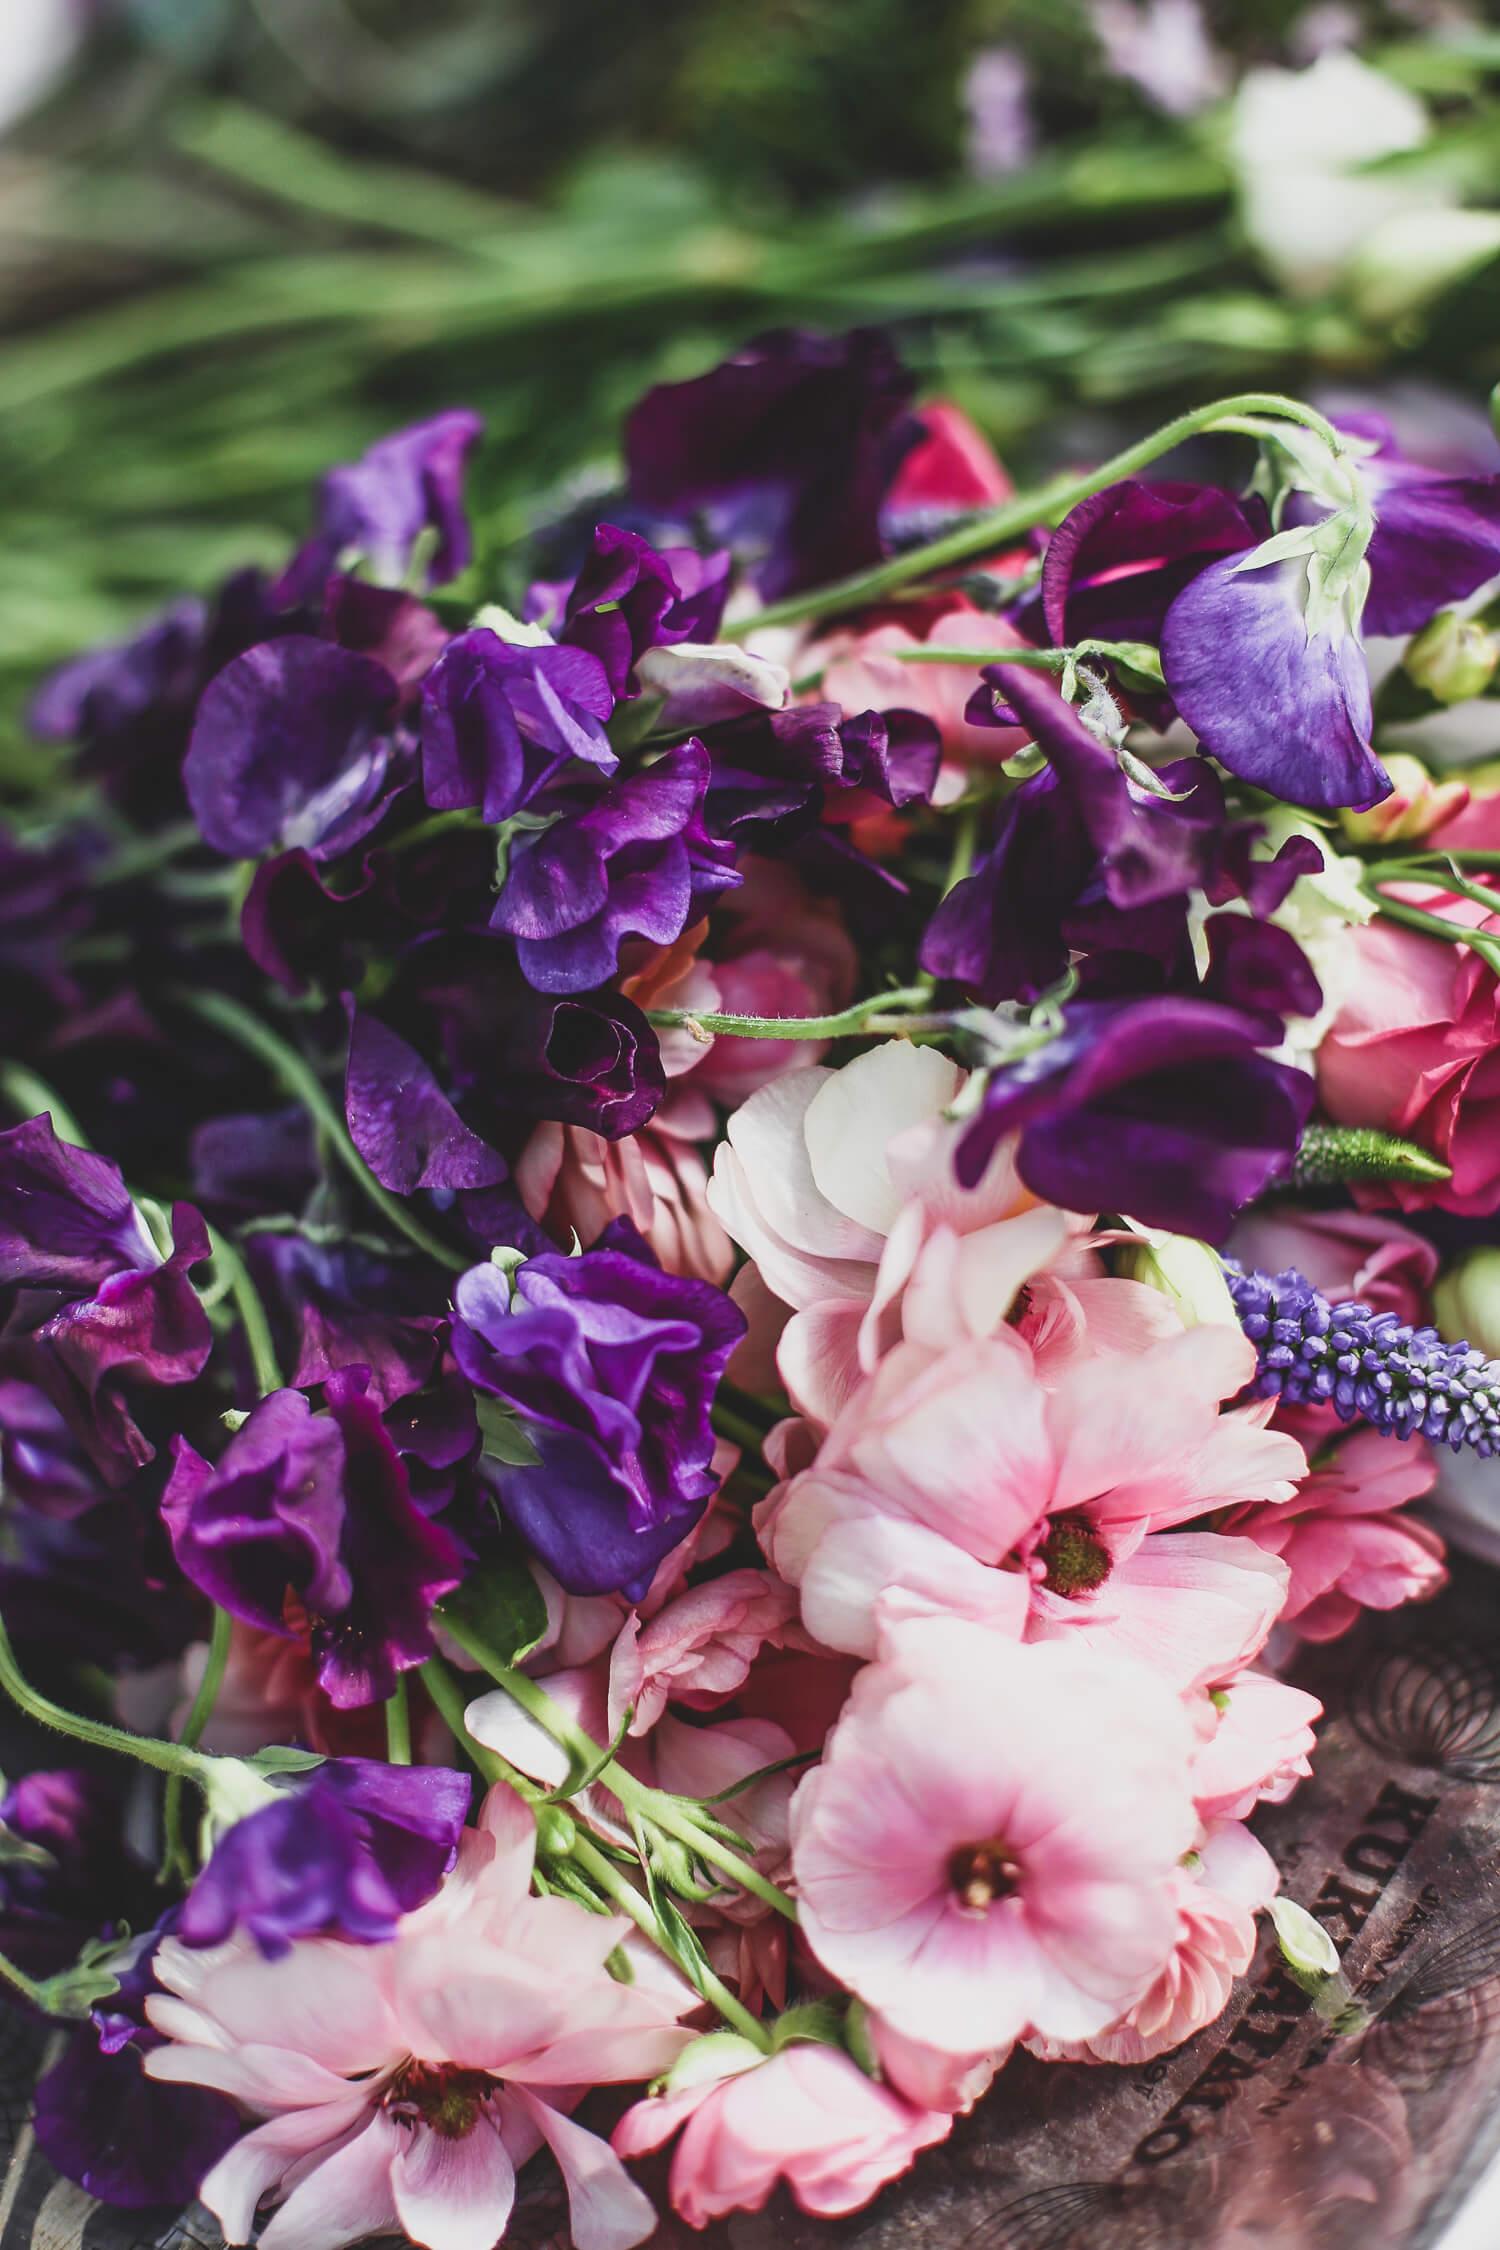 Tumman lila tuoksuherne on mielettömän hienon värinen. Vaaleanpunainen perhosleinikki on lennokkaan boheemi.